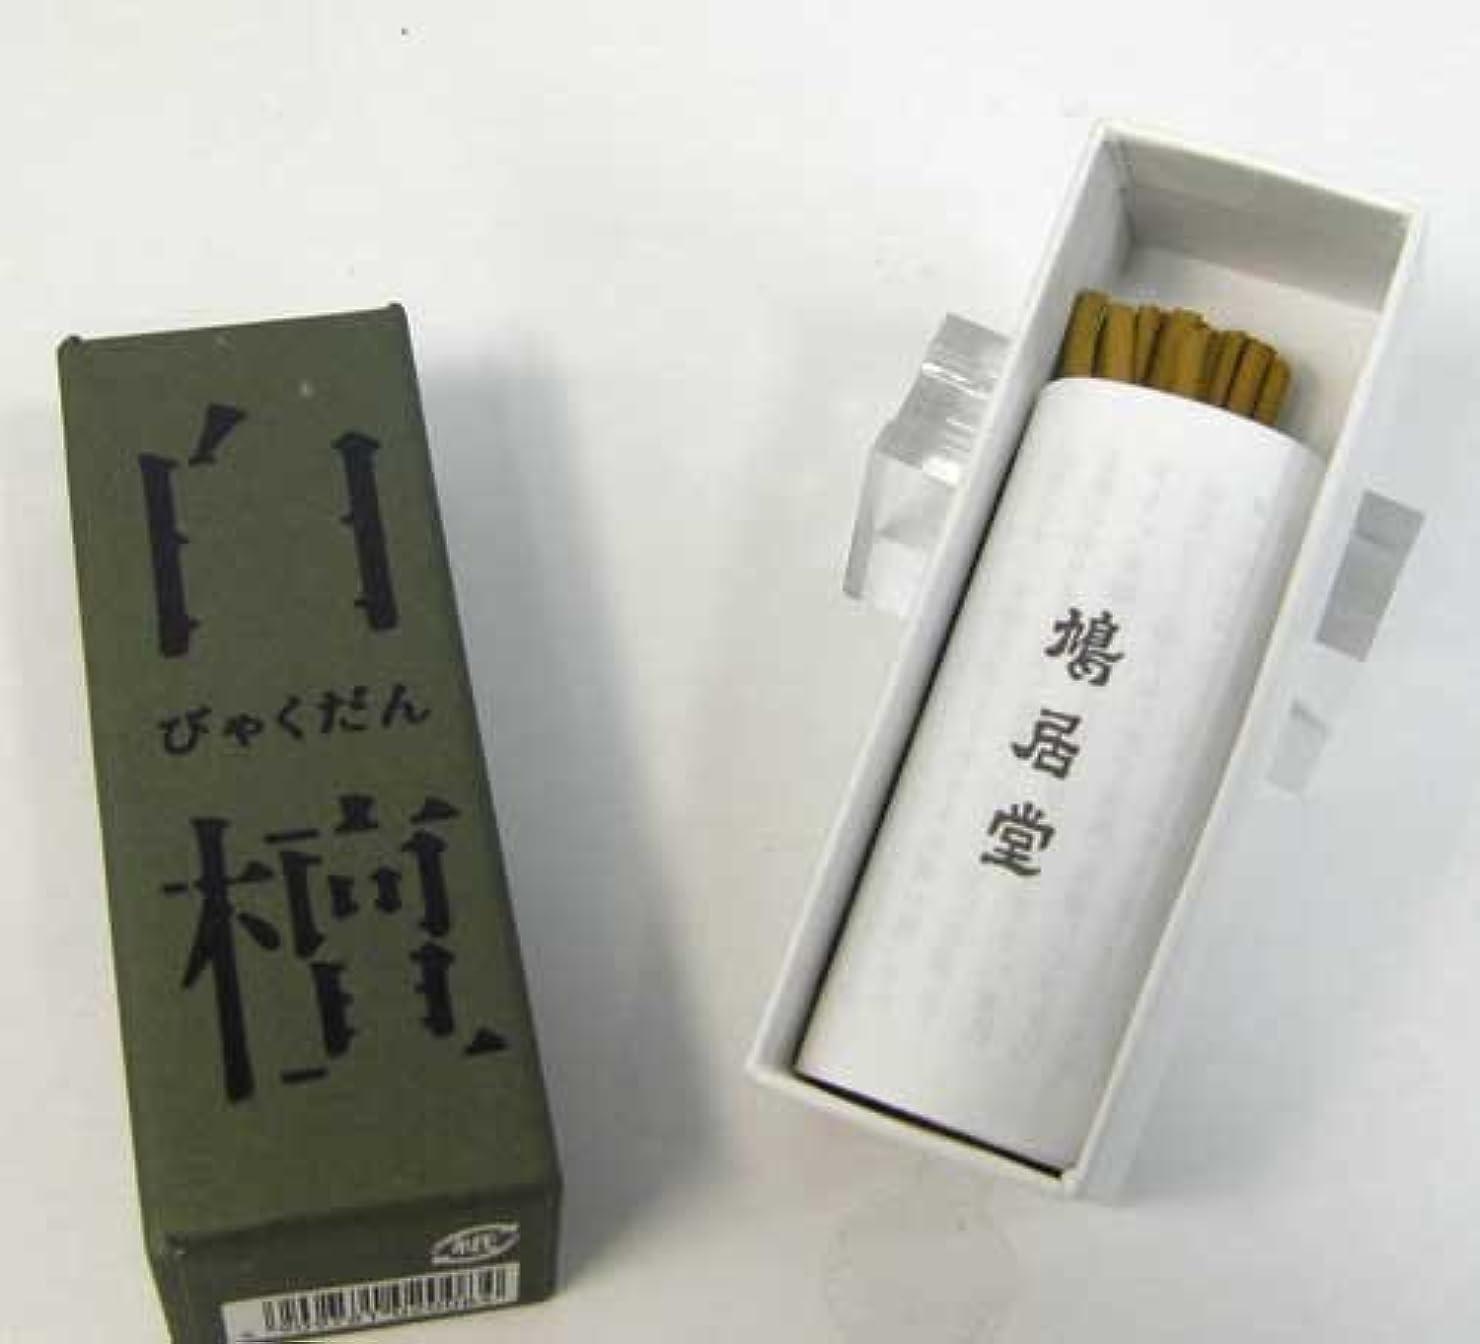 ロースト可塑性オーストラリア鳩居堂 お香 白檀?びゃくだん 香木の香りシリーズ スティックタイプ(棒状香)20本いり